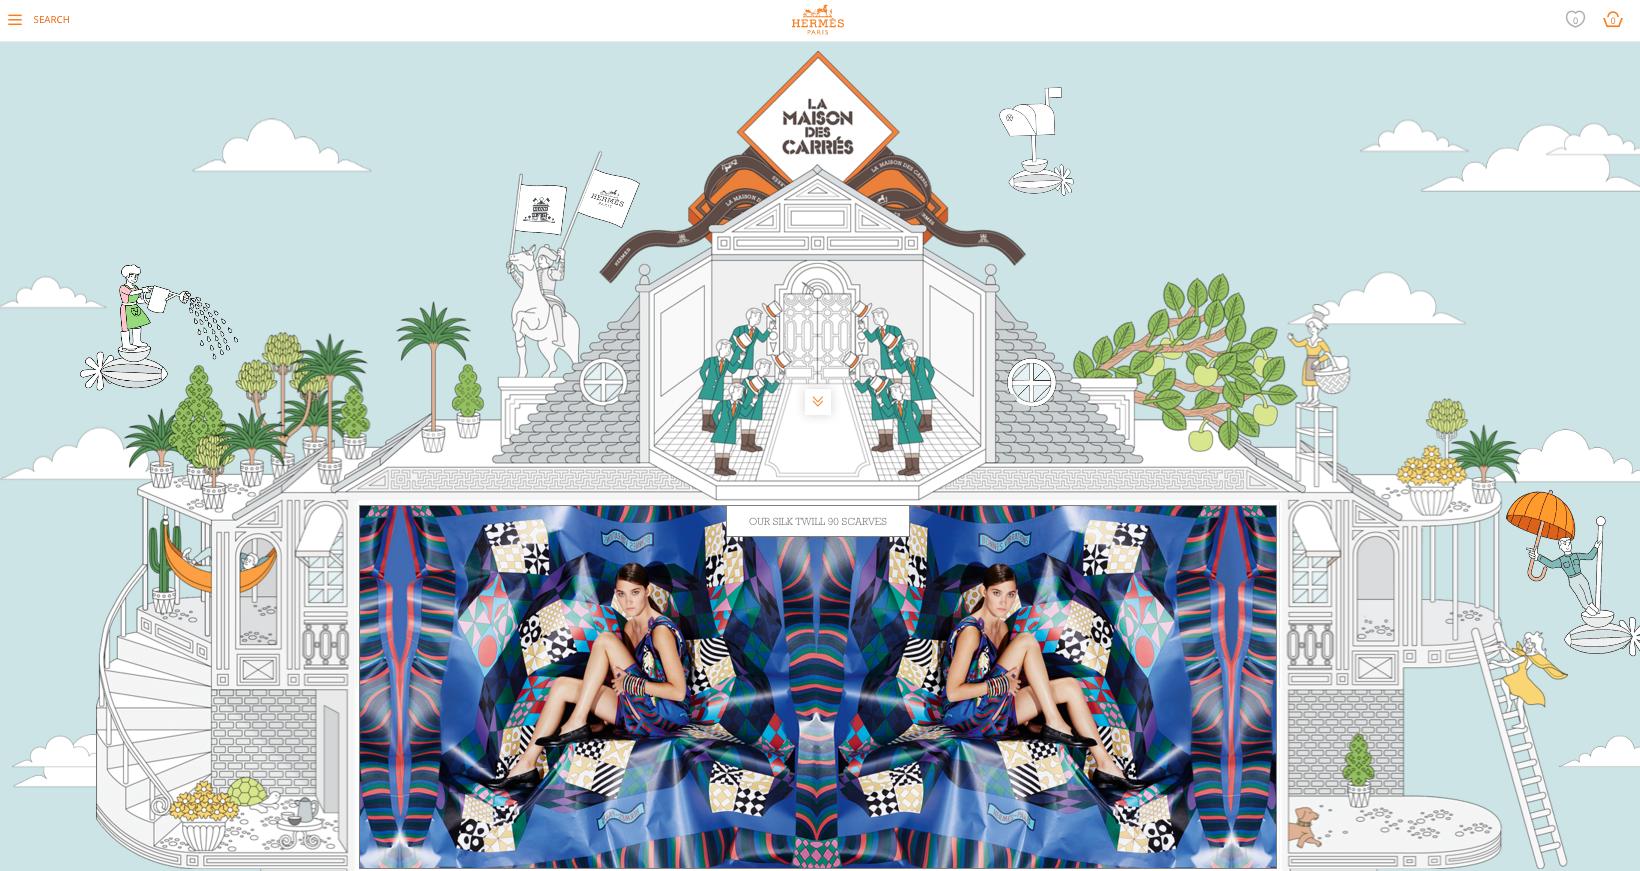 La Maison des Carres Hermes content marketing